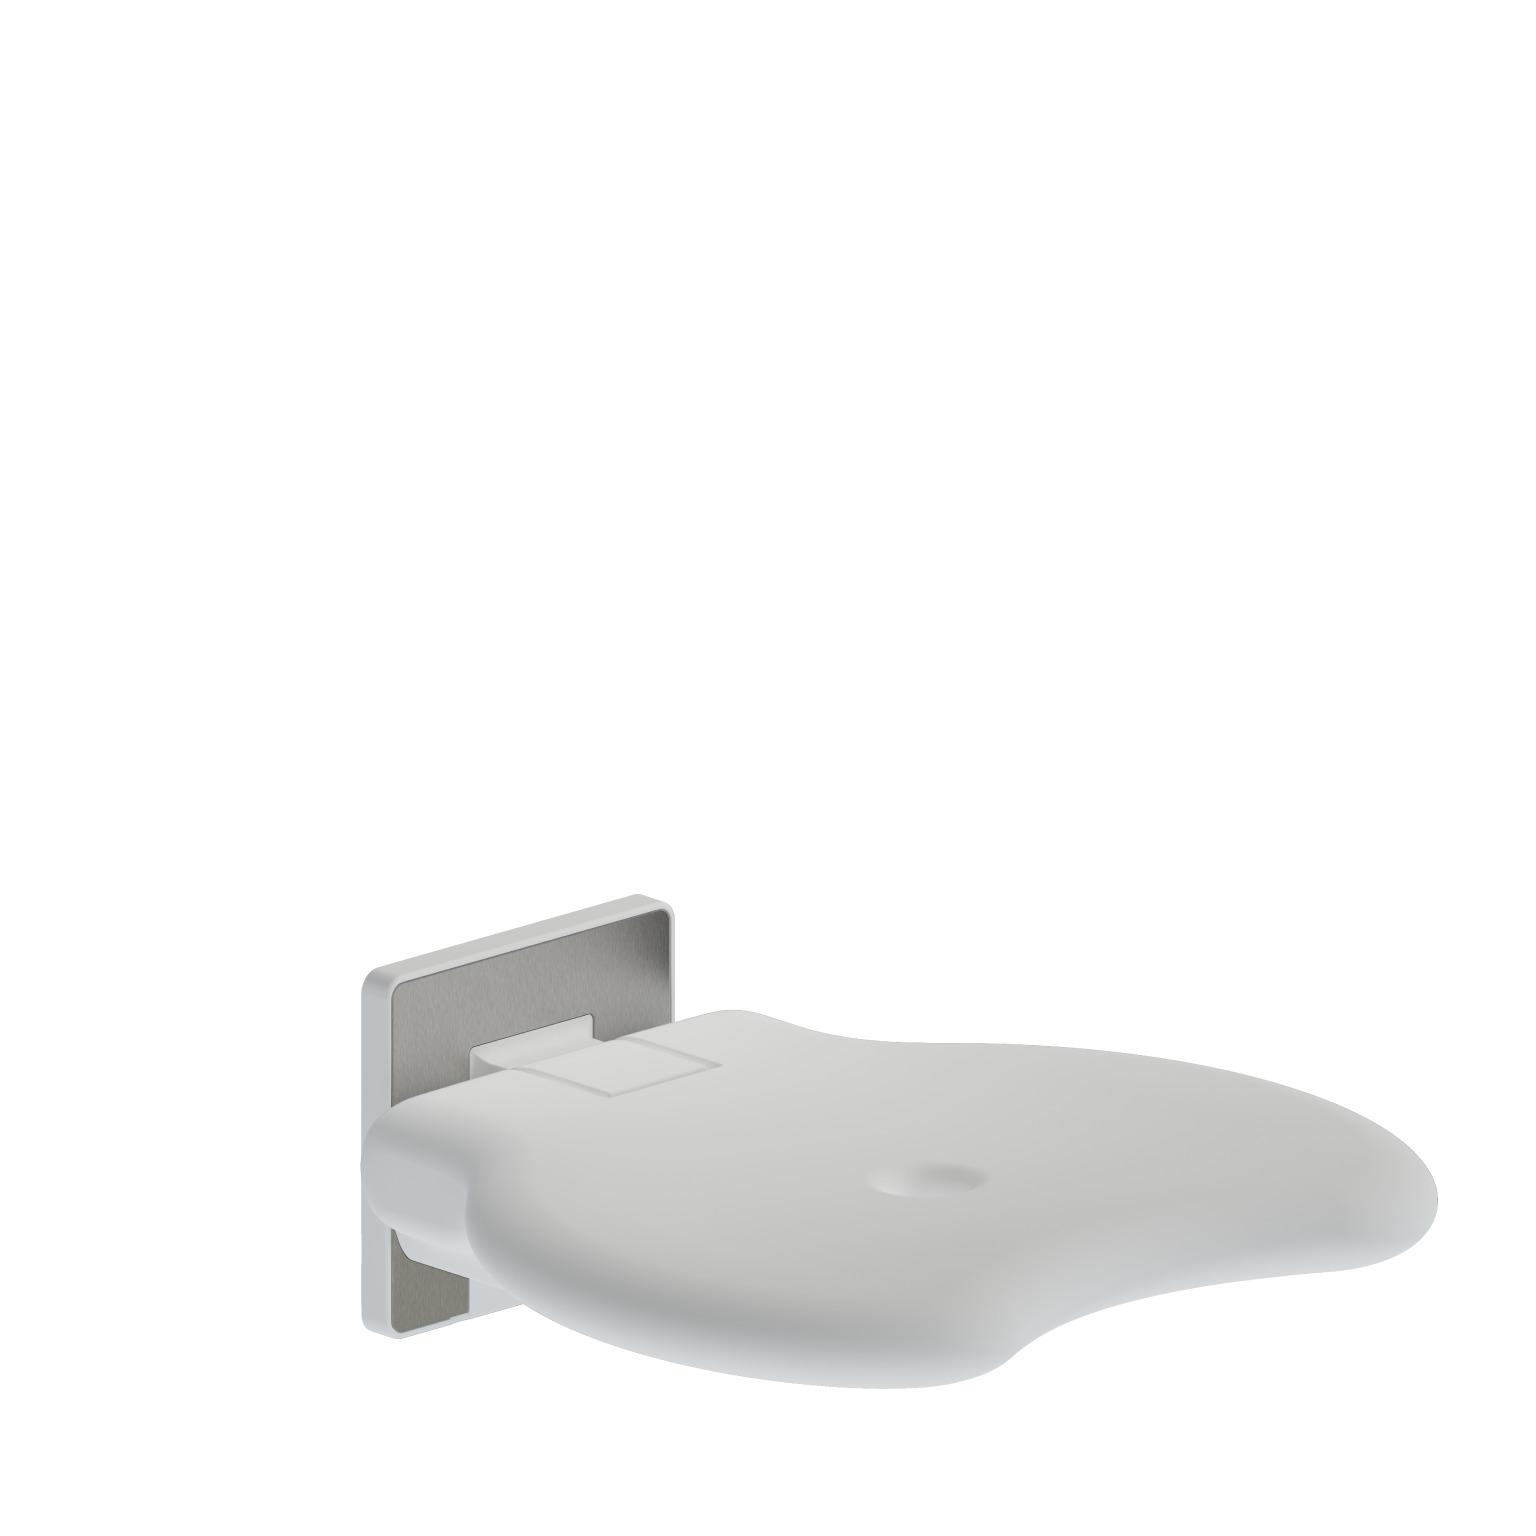 Foto - Duschsitz ohne Rückenlehne reinweiß gepolstert, Wandmontage - Artikel L32001001 - Serie Evolution von Lehnen